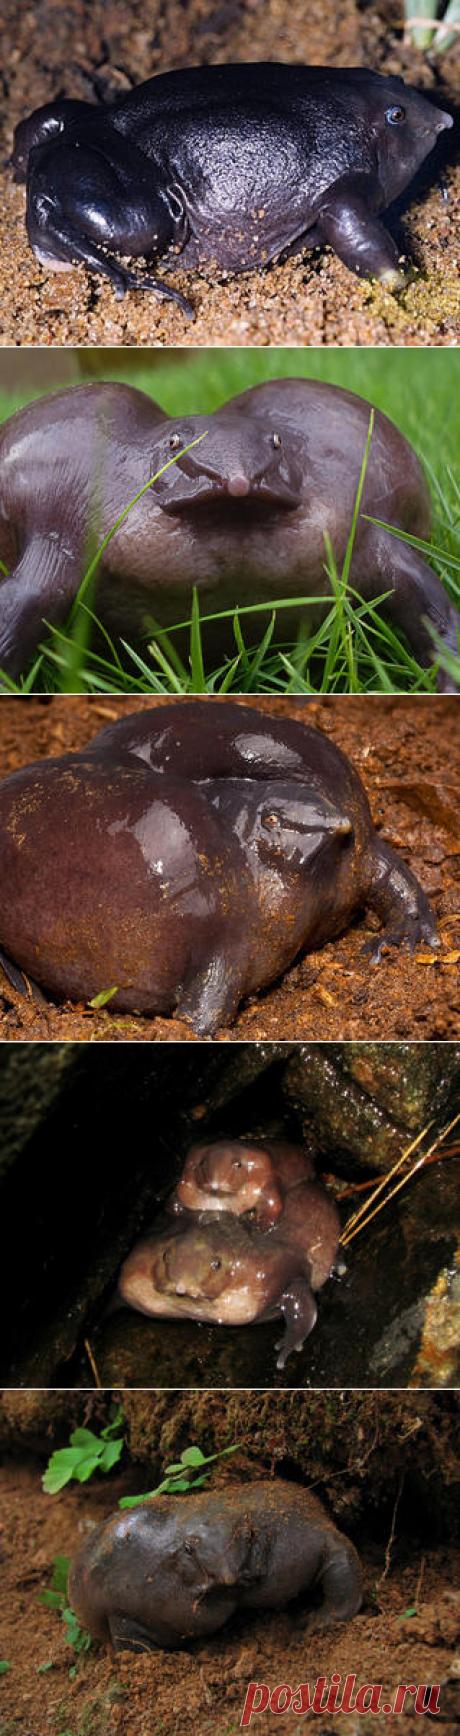 Смотреть изображения пурпурных лягушек | Зооляндия